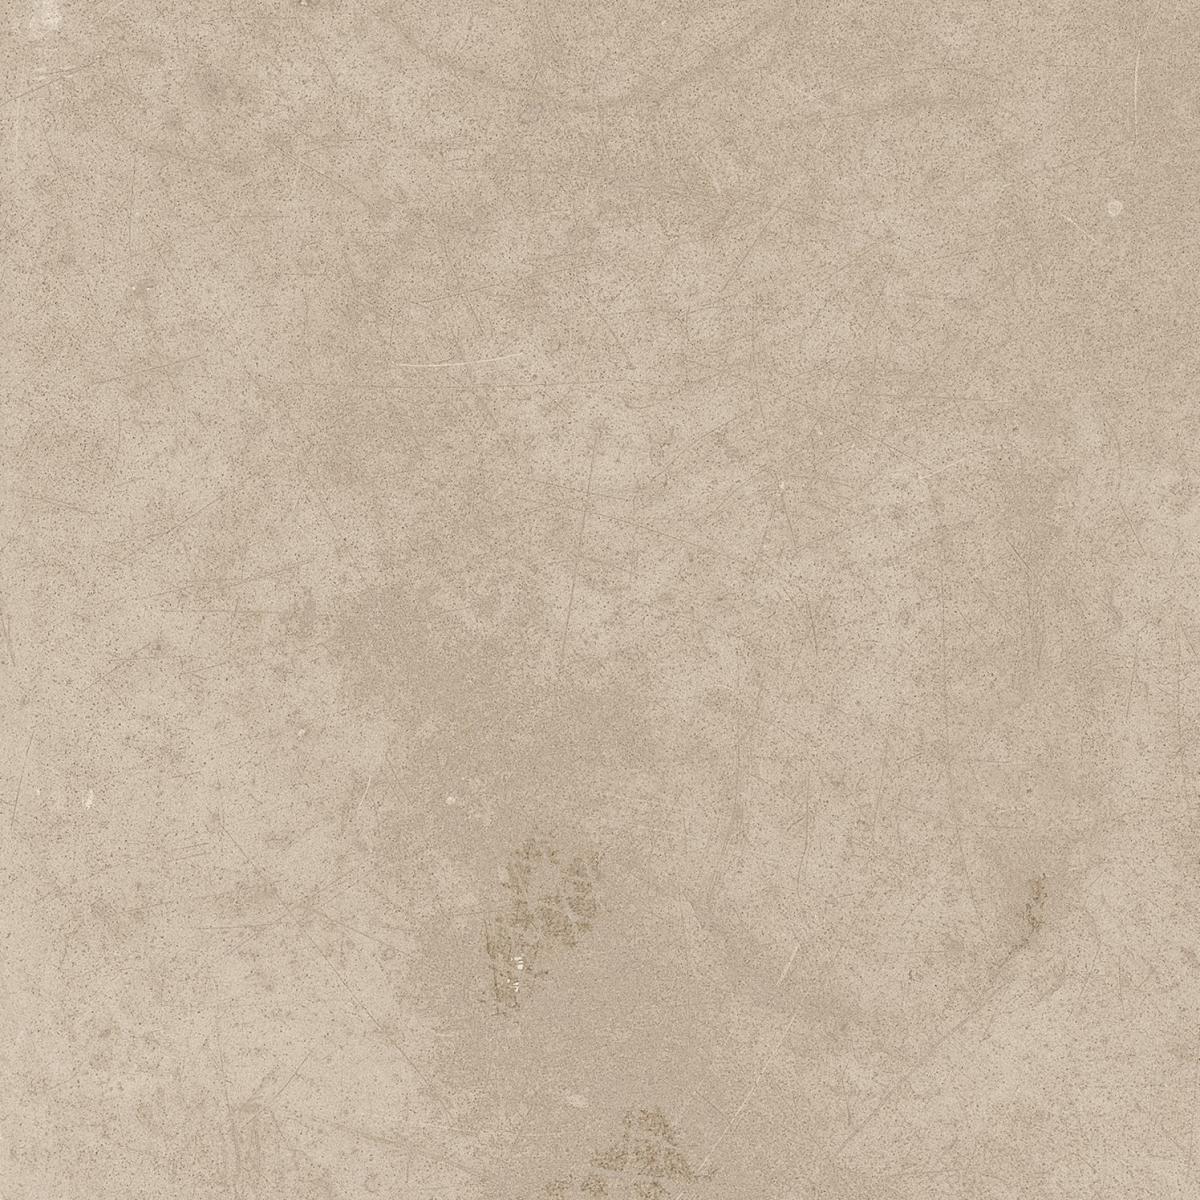 Vinci Blanco 25x25 al mejor precio